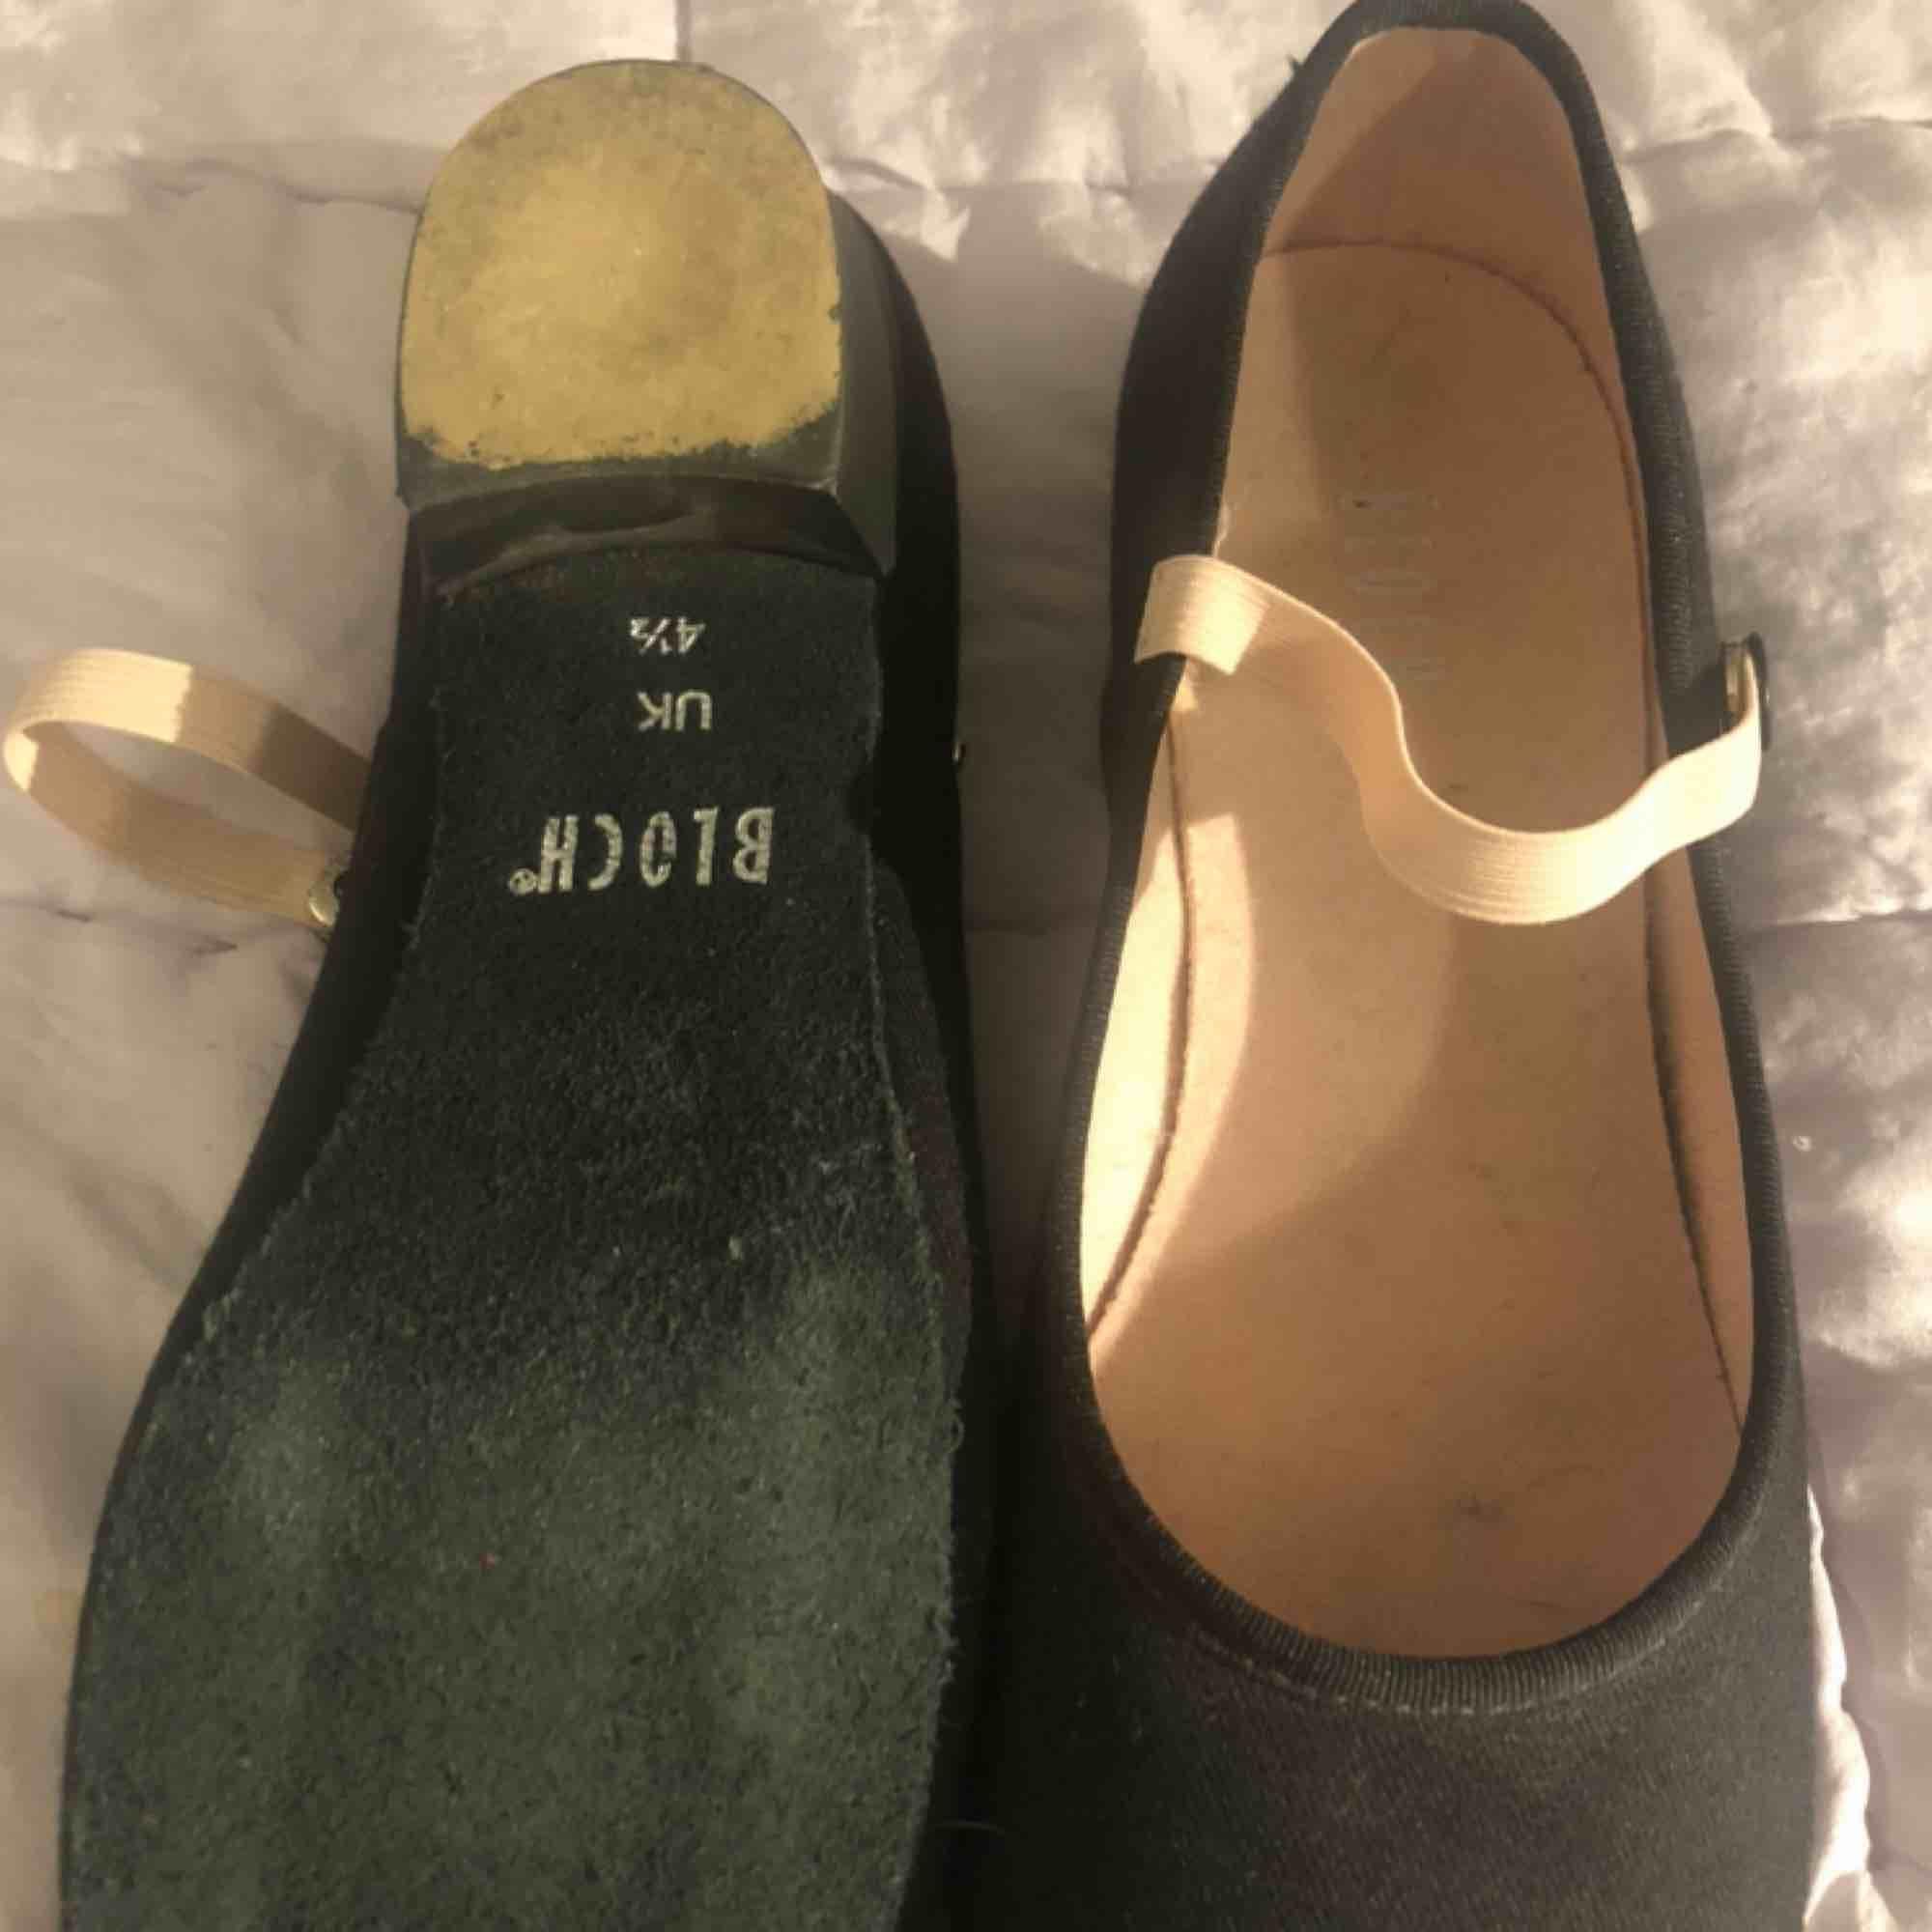 Dansskor med liten klack och band över foten från märket Bloch. Storlek ca 35-36 med mockasula. Använd ett fåtal gånger Original pris 245kr, säljs för 100kr. Snabbt köp 80kr  . Skor.